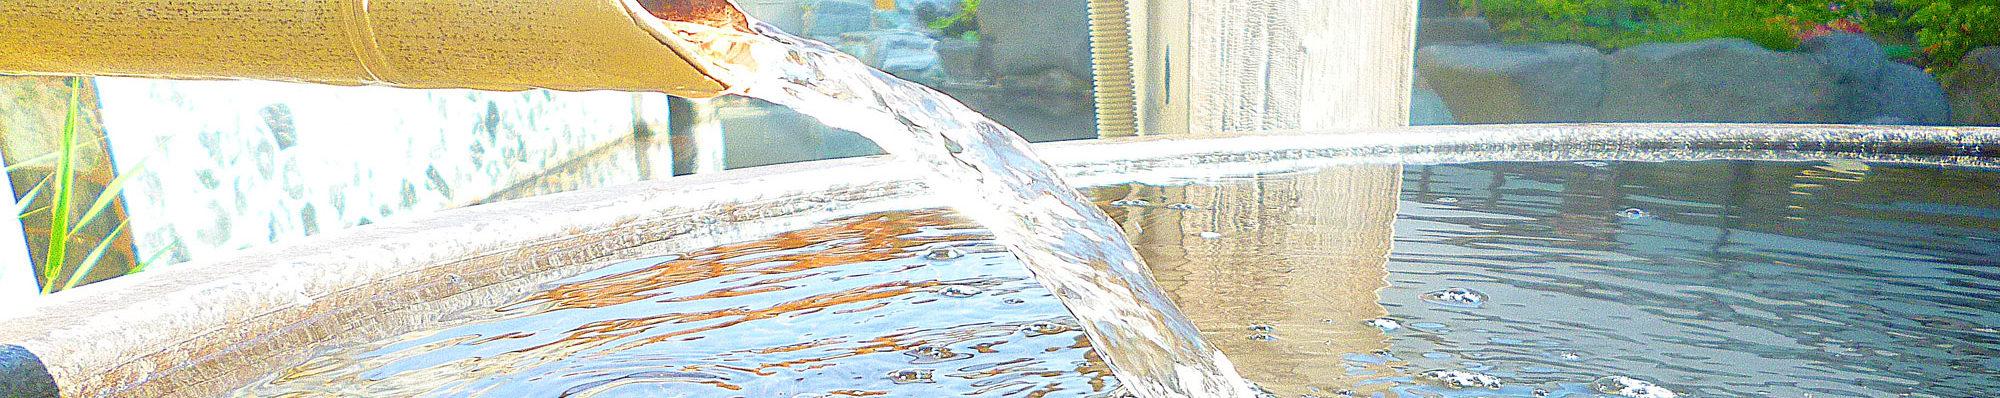 石巻天然温泉 元気の湯